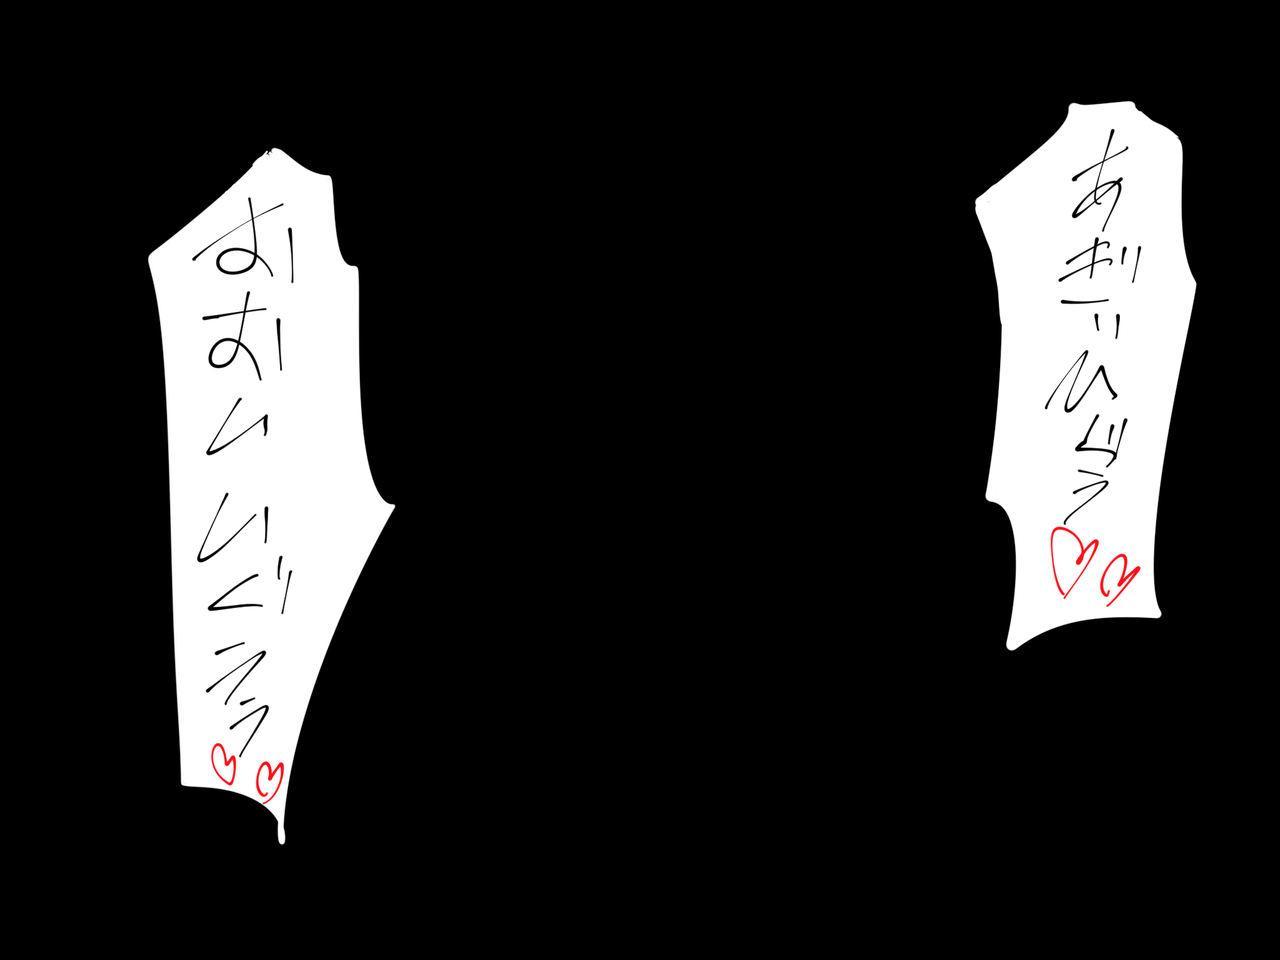 Sports Shoujo ga Ryoujoku Sarete Bitch-ka Suru Hanashi | 田径少女凌辱婊化 70